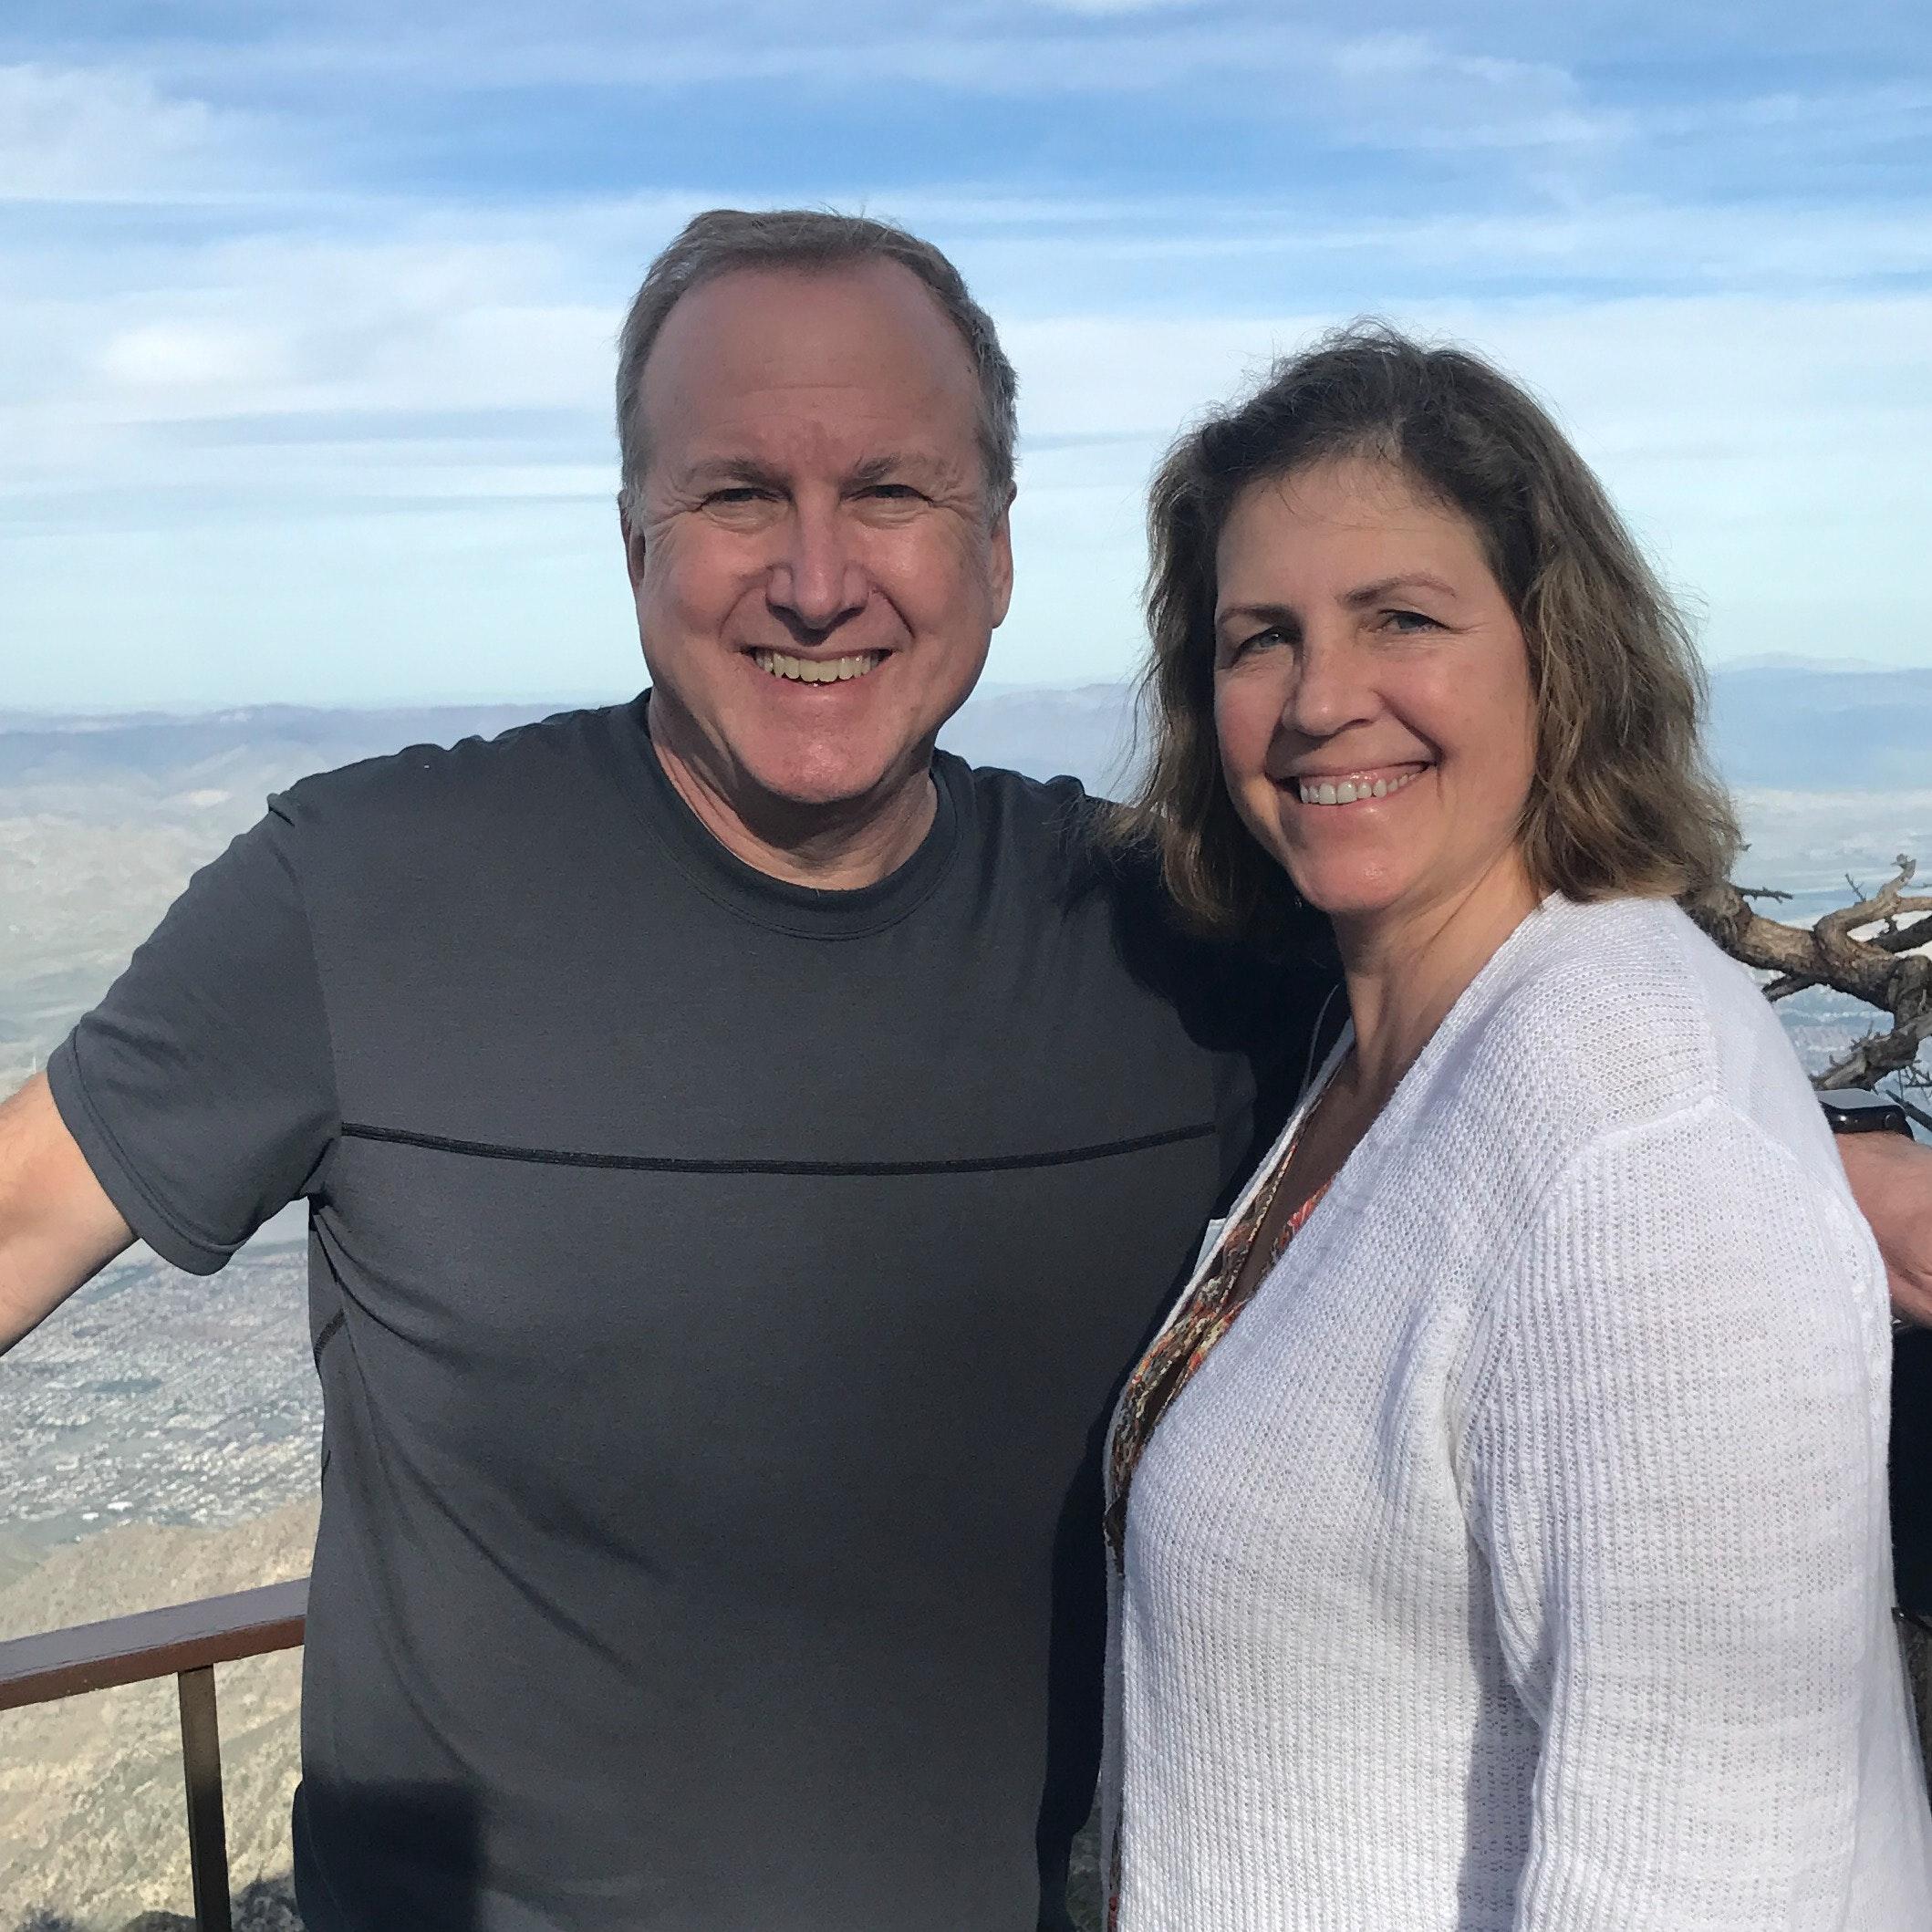 Paul & Heidi S.